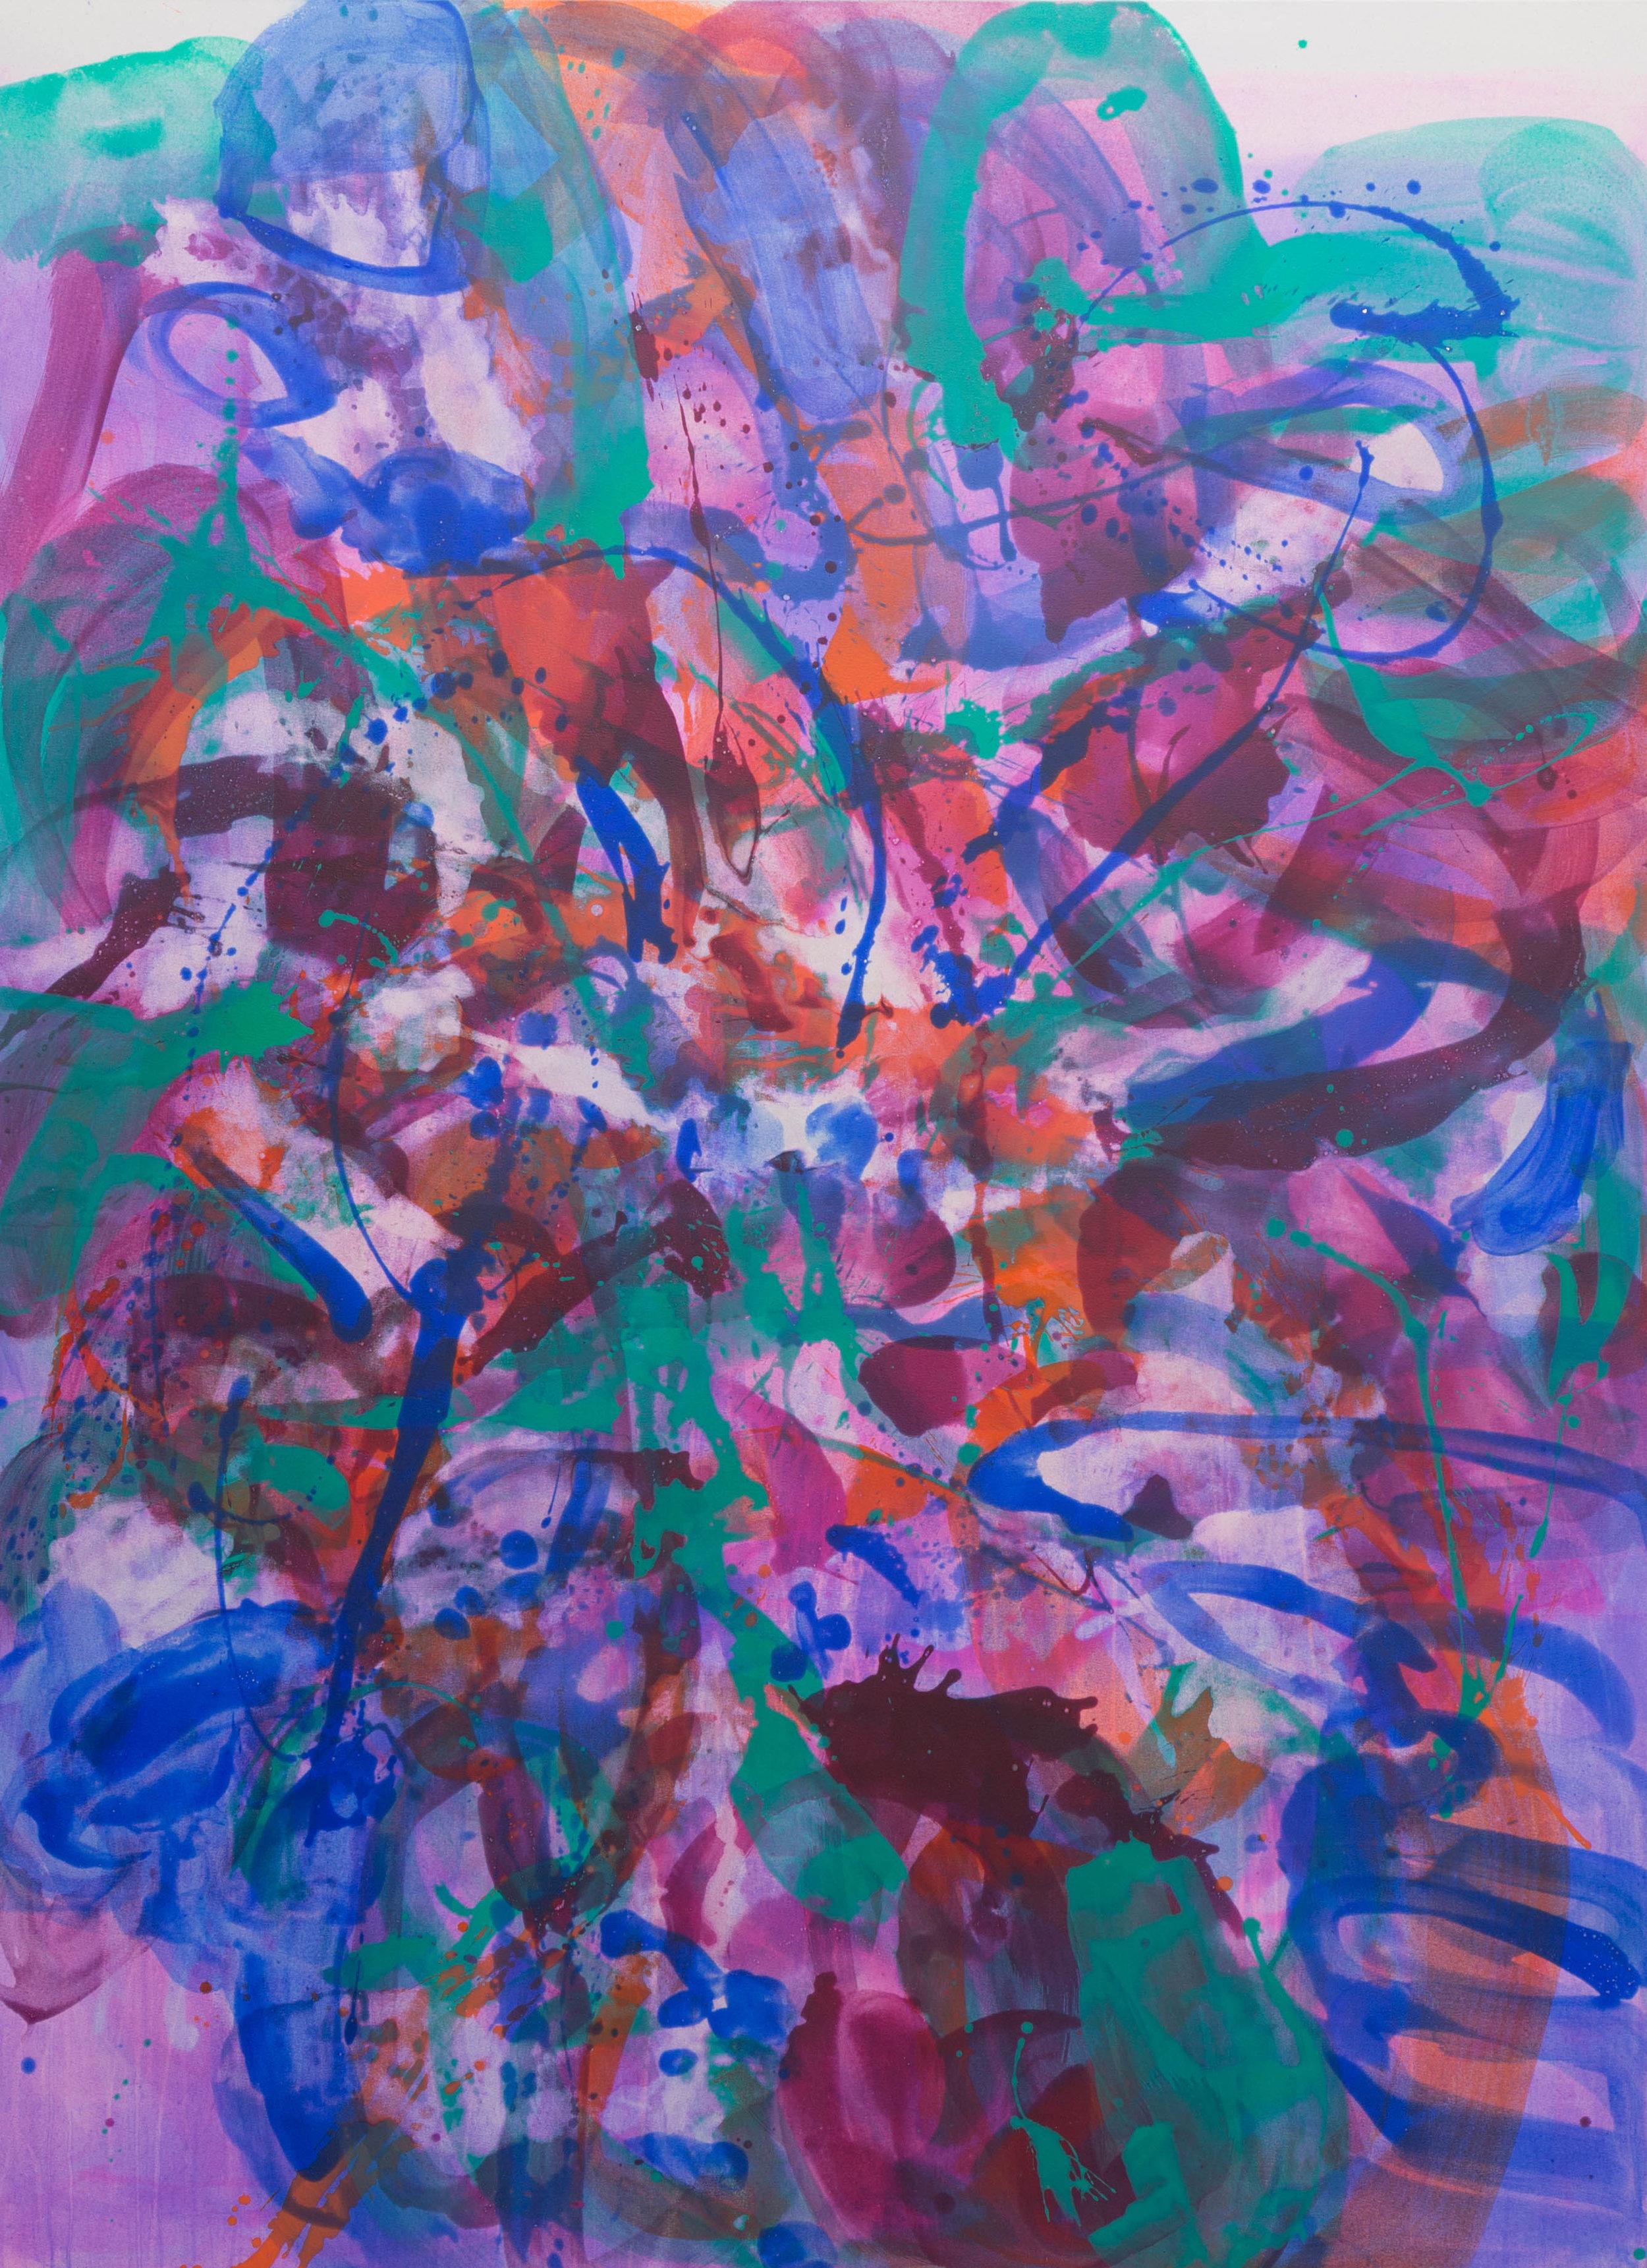 Distemper Composition I  2019  distemper on canvas  (pure pigment, rabbit skin glue)  198 x 145 cm